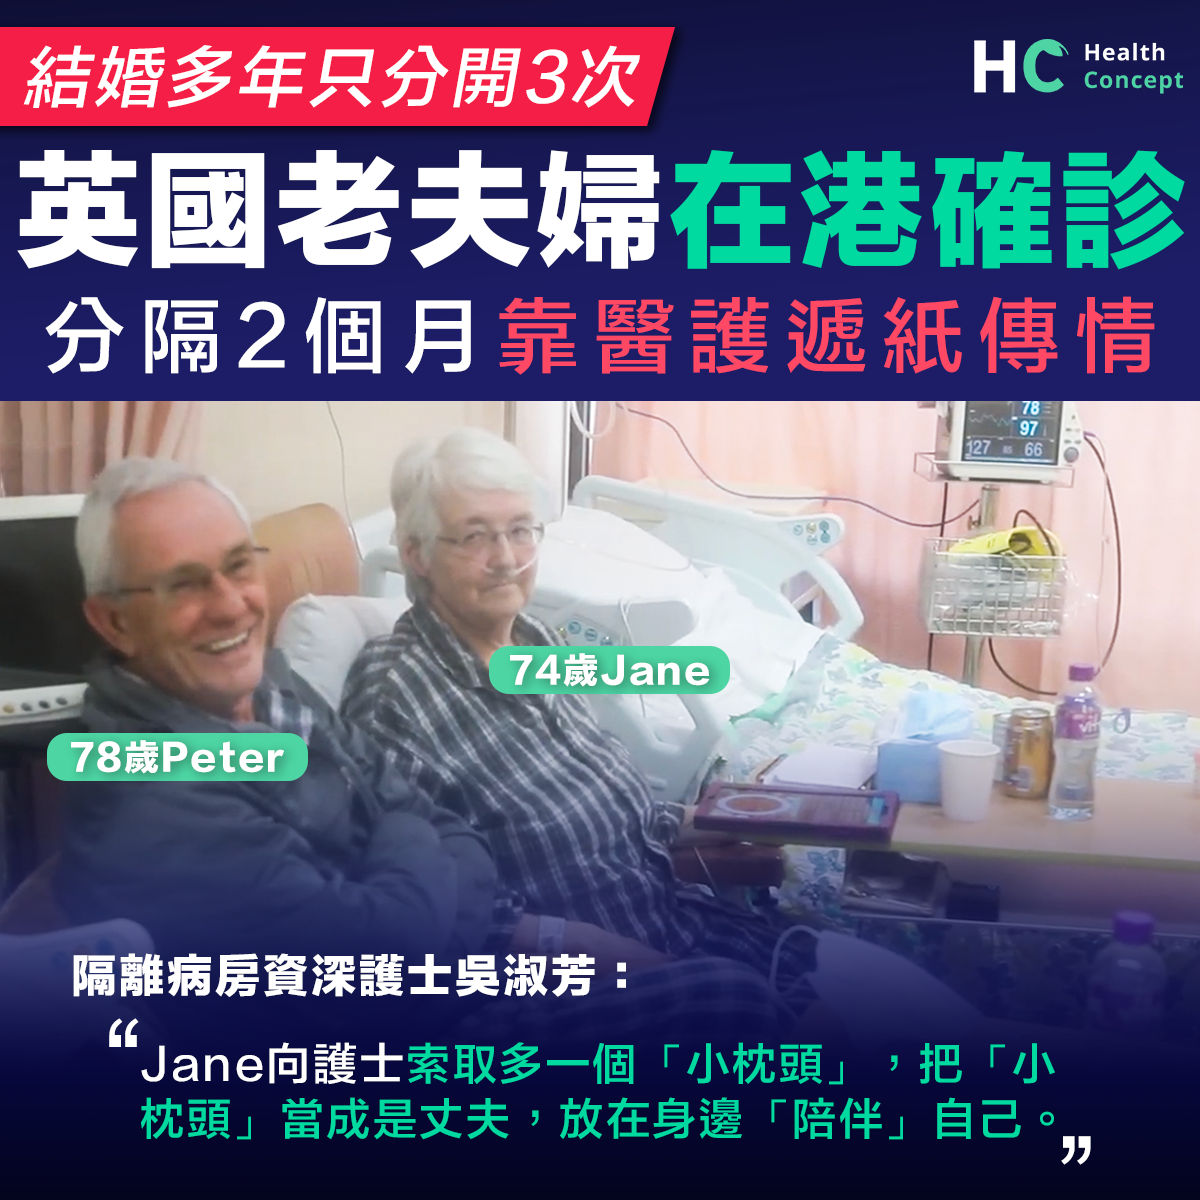 【#新型肺炎】英國老夫婦在港確診 分隔2個月靠醫護遞紙傳情